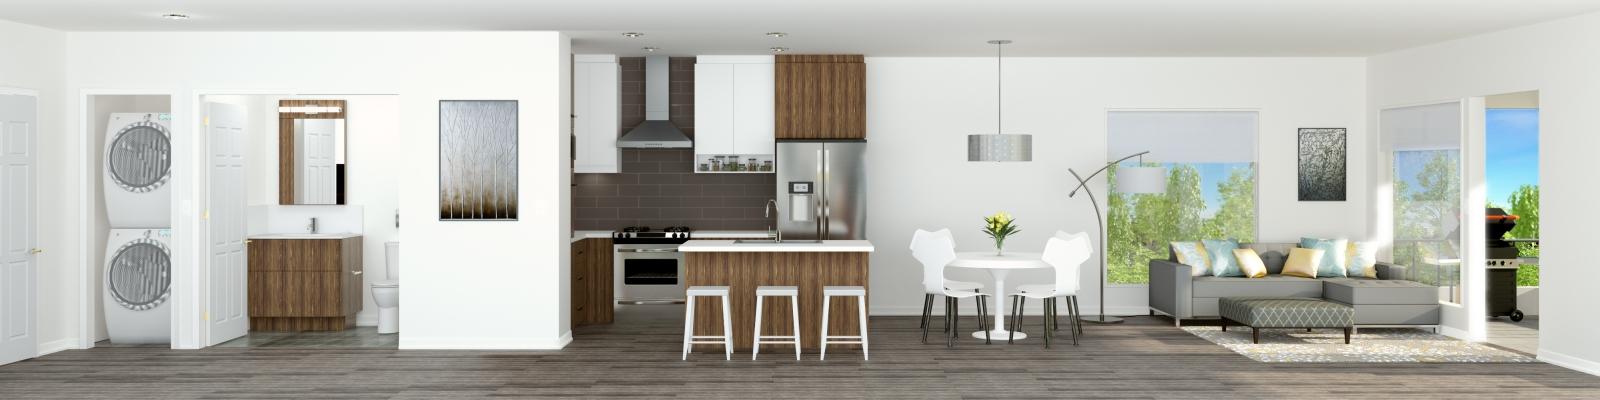 Progettazione interni per una casa su misura tassonedil - Progettazione spazi interni ...